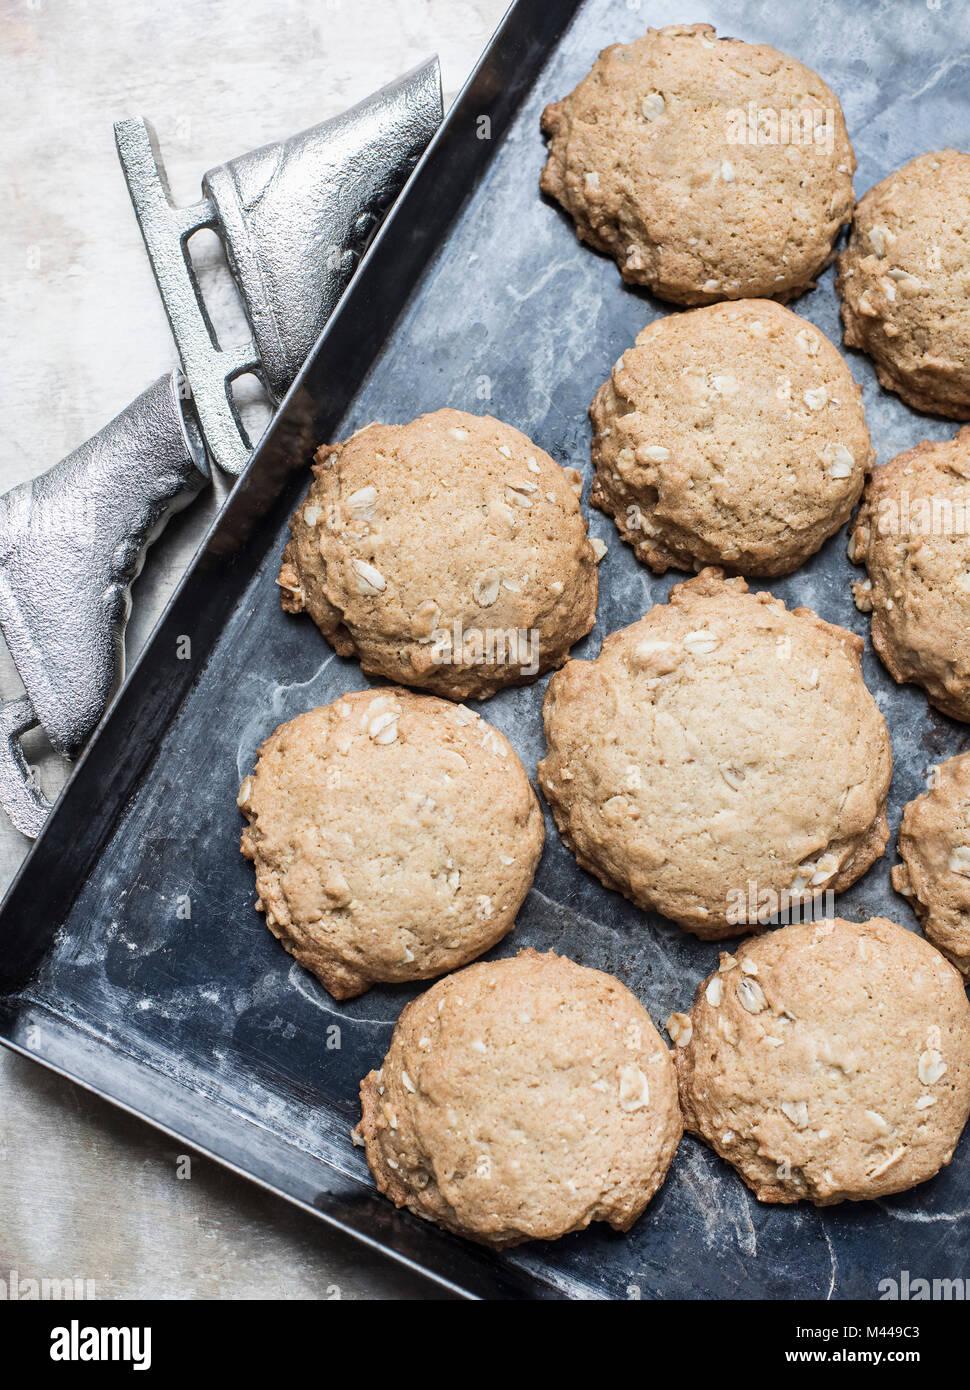 Freshly baked oatmeal cookies on baking pan - Stock Image